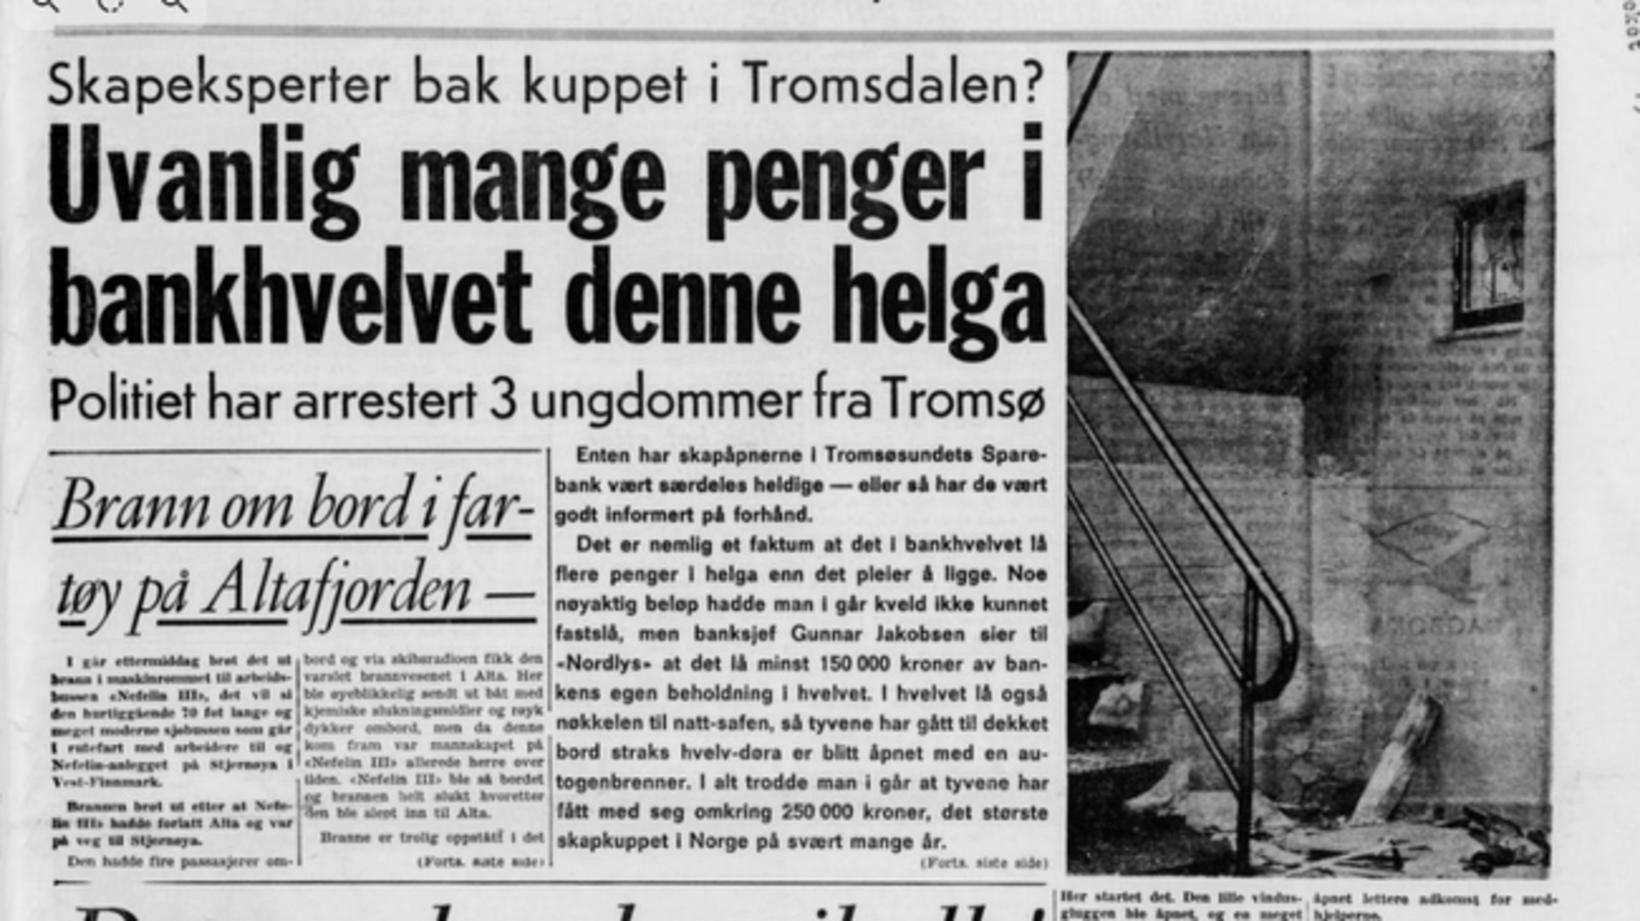 Frétt af innbrotinu í Tromsø aðfaranótt 24. ágúst 1970 í …